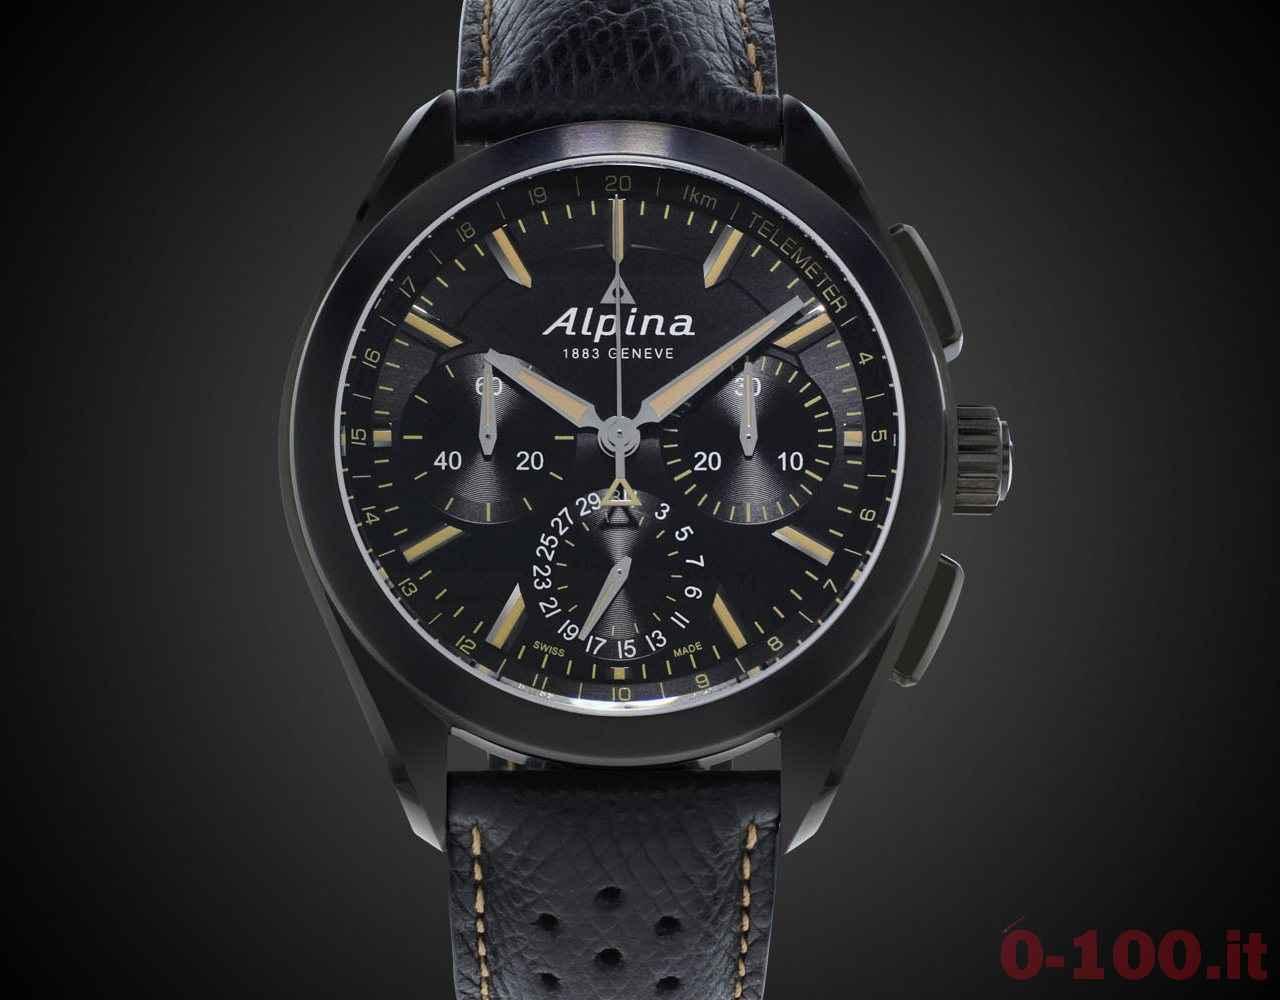 alpine-4-manufacture-flyback-chronograph-baselworld-2016-prezzo-price_0-1002